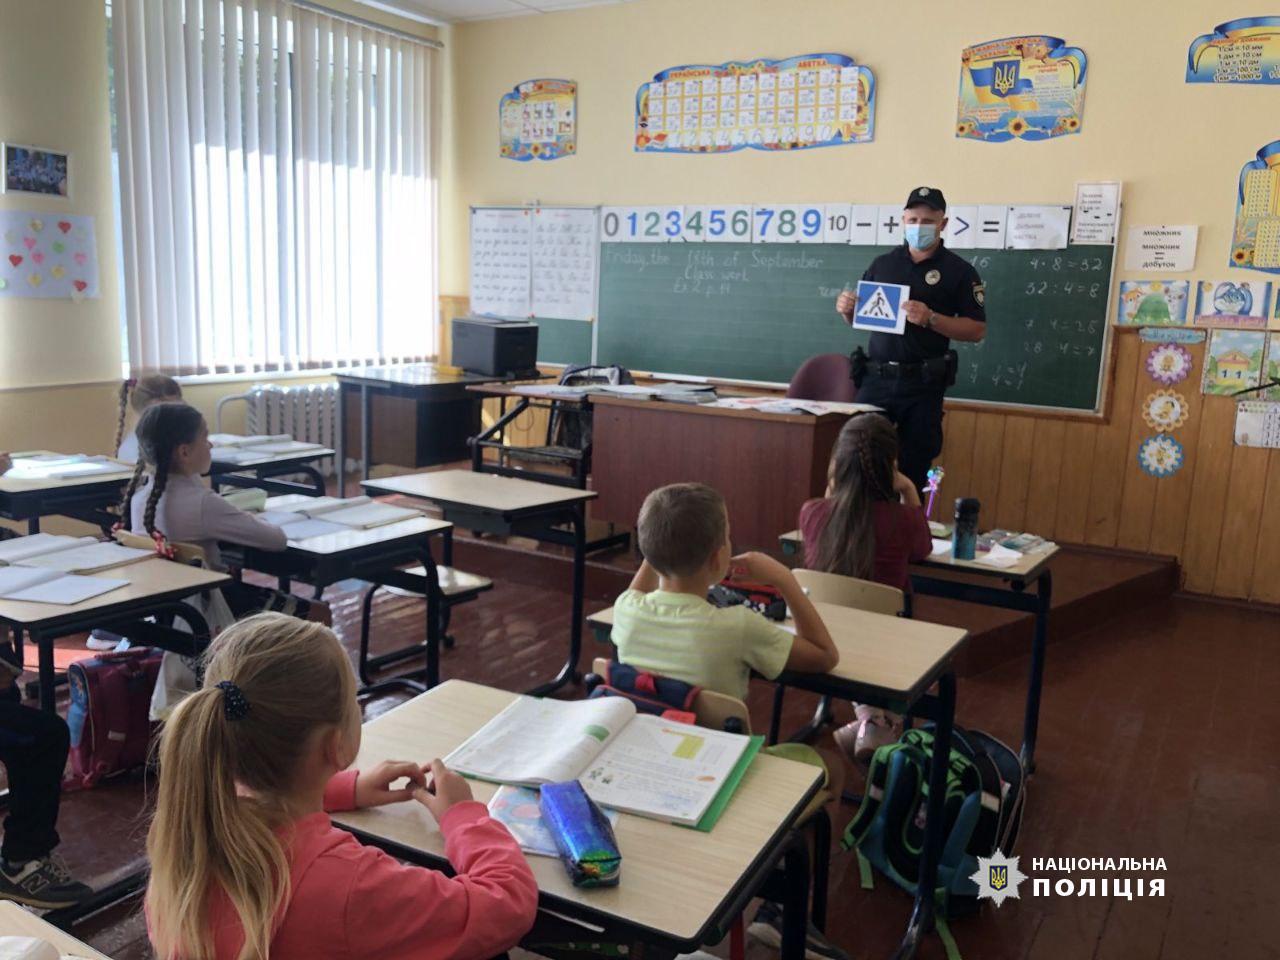 Черкаські поліцейські проводять профілактичні заходи для безпеки дітей